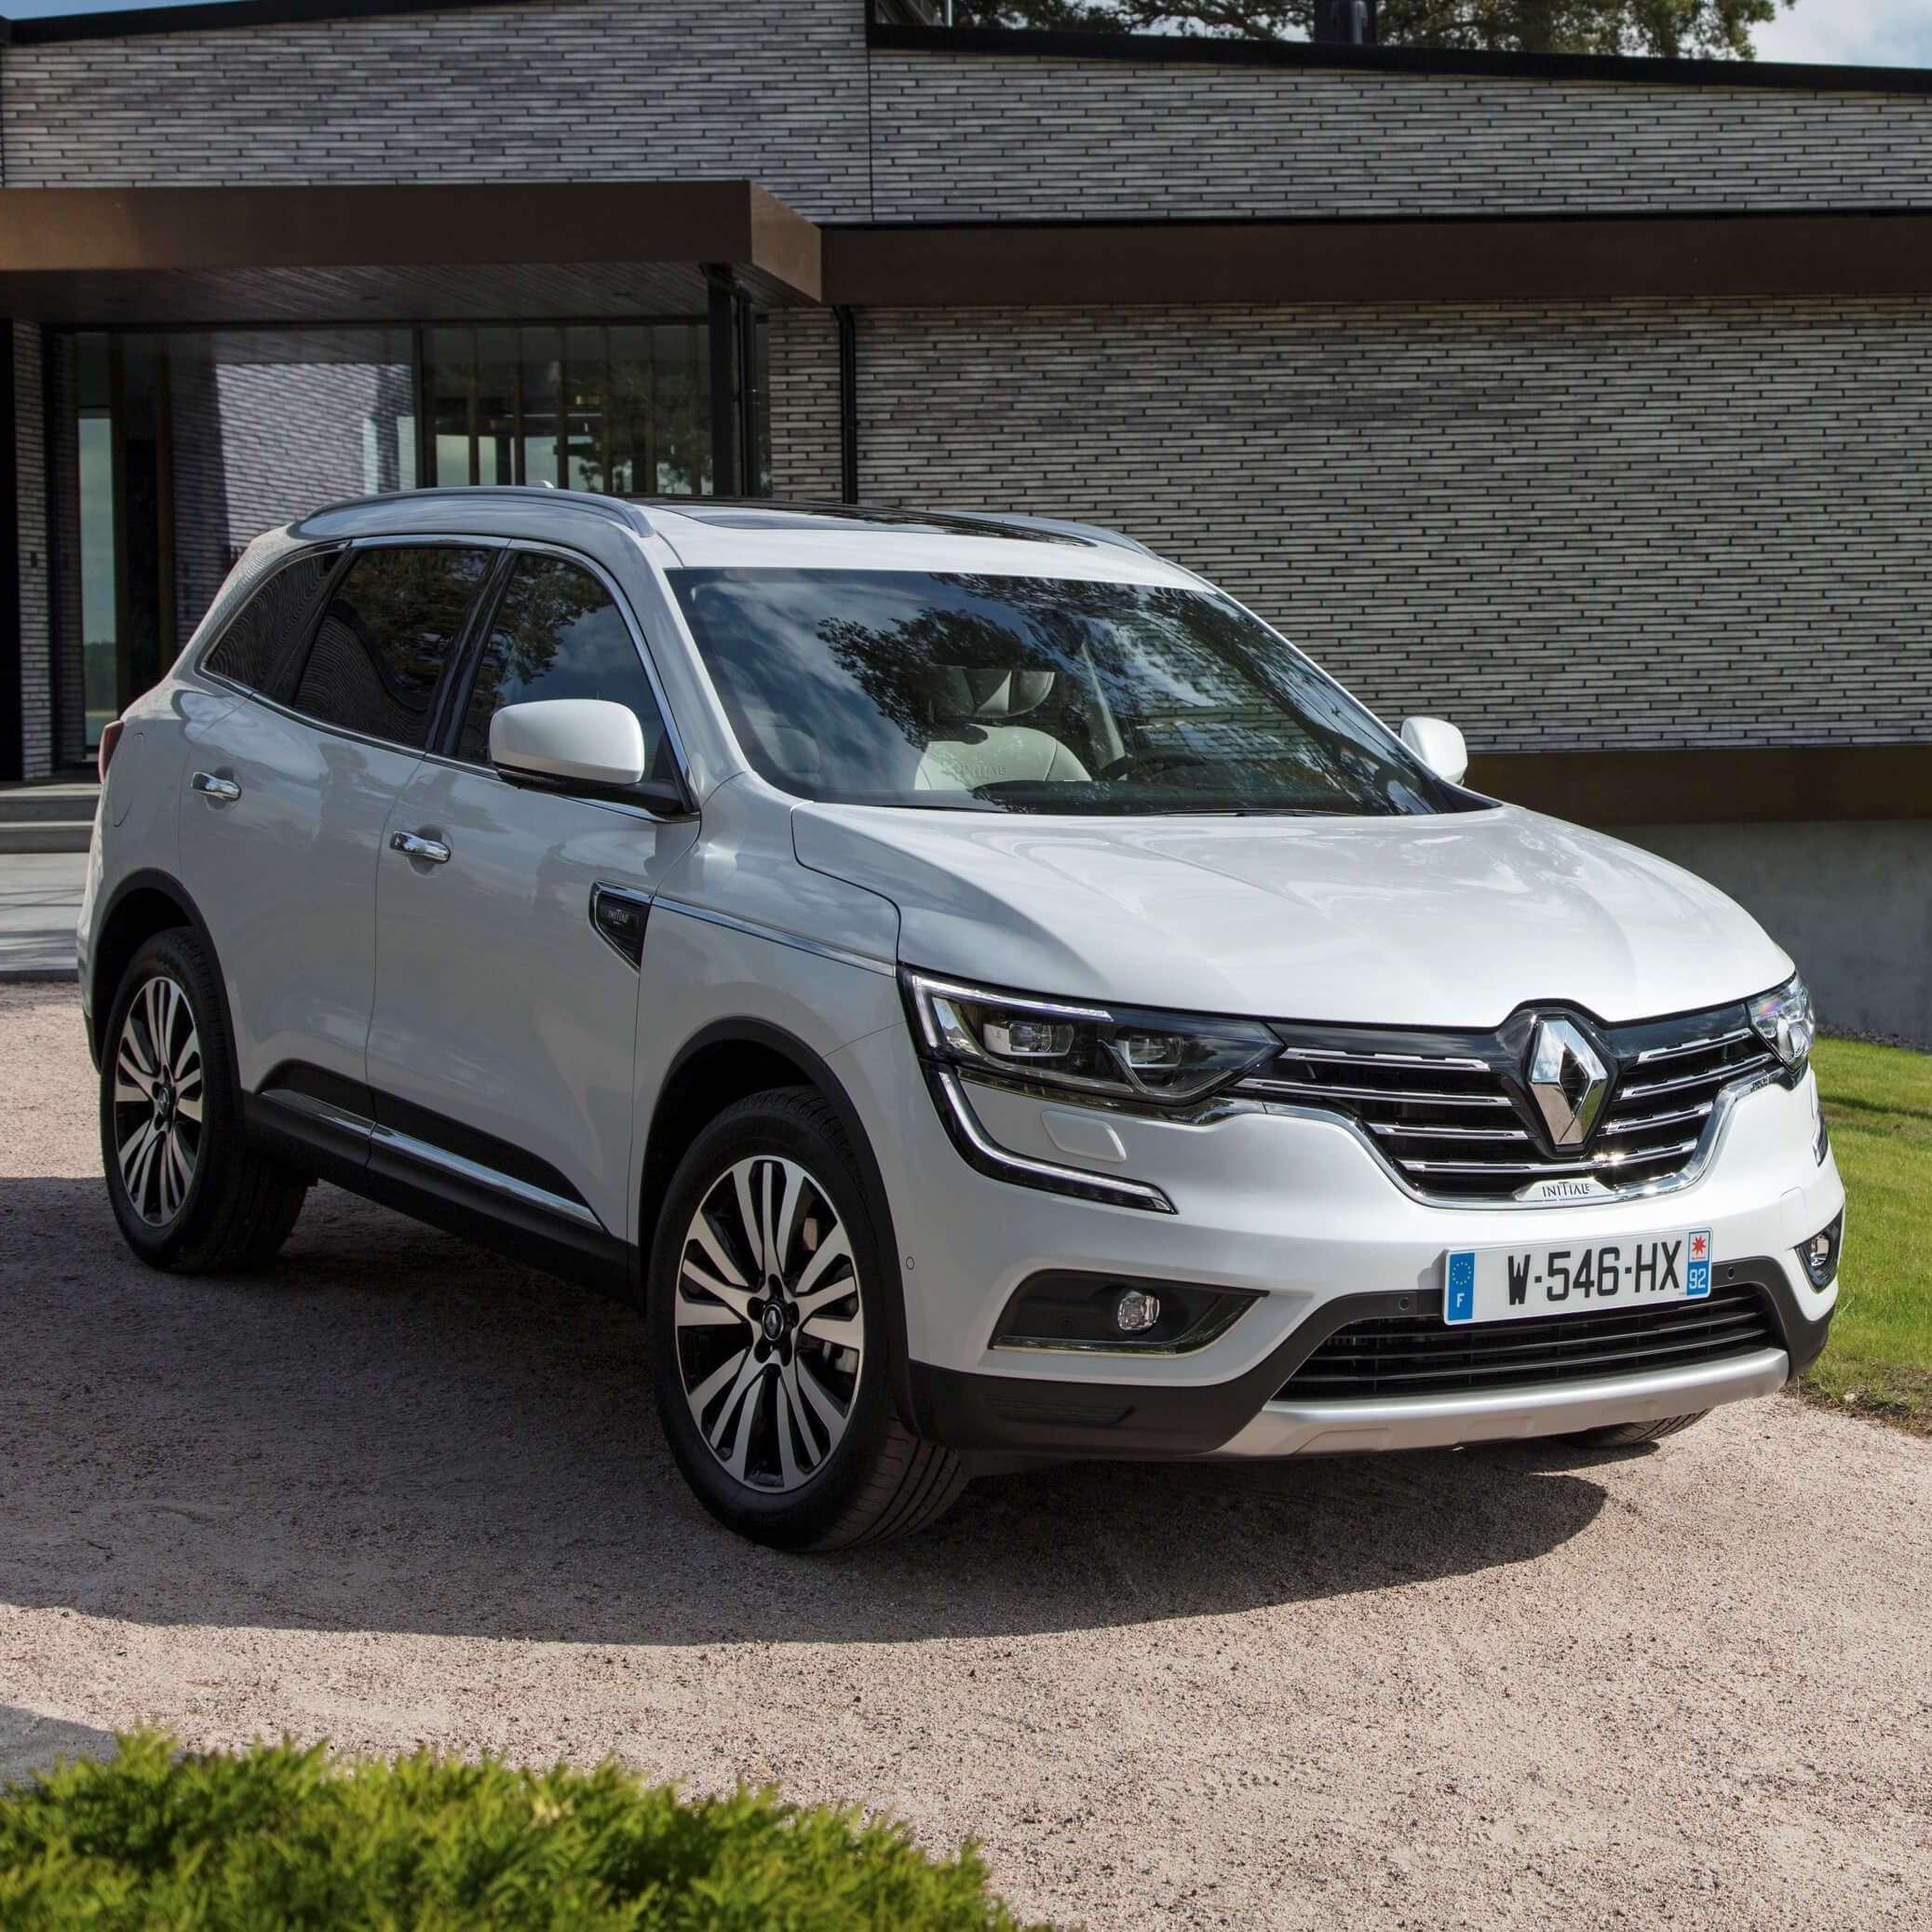 [Gewerbeleasing] Renault Koleos Initiale Paris (190 PS) mtl. 117,63€ (netto) + 755€ ÜF inkl. Wartung & Verschleiß, LF 0,28, 36 Monate